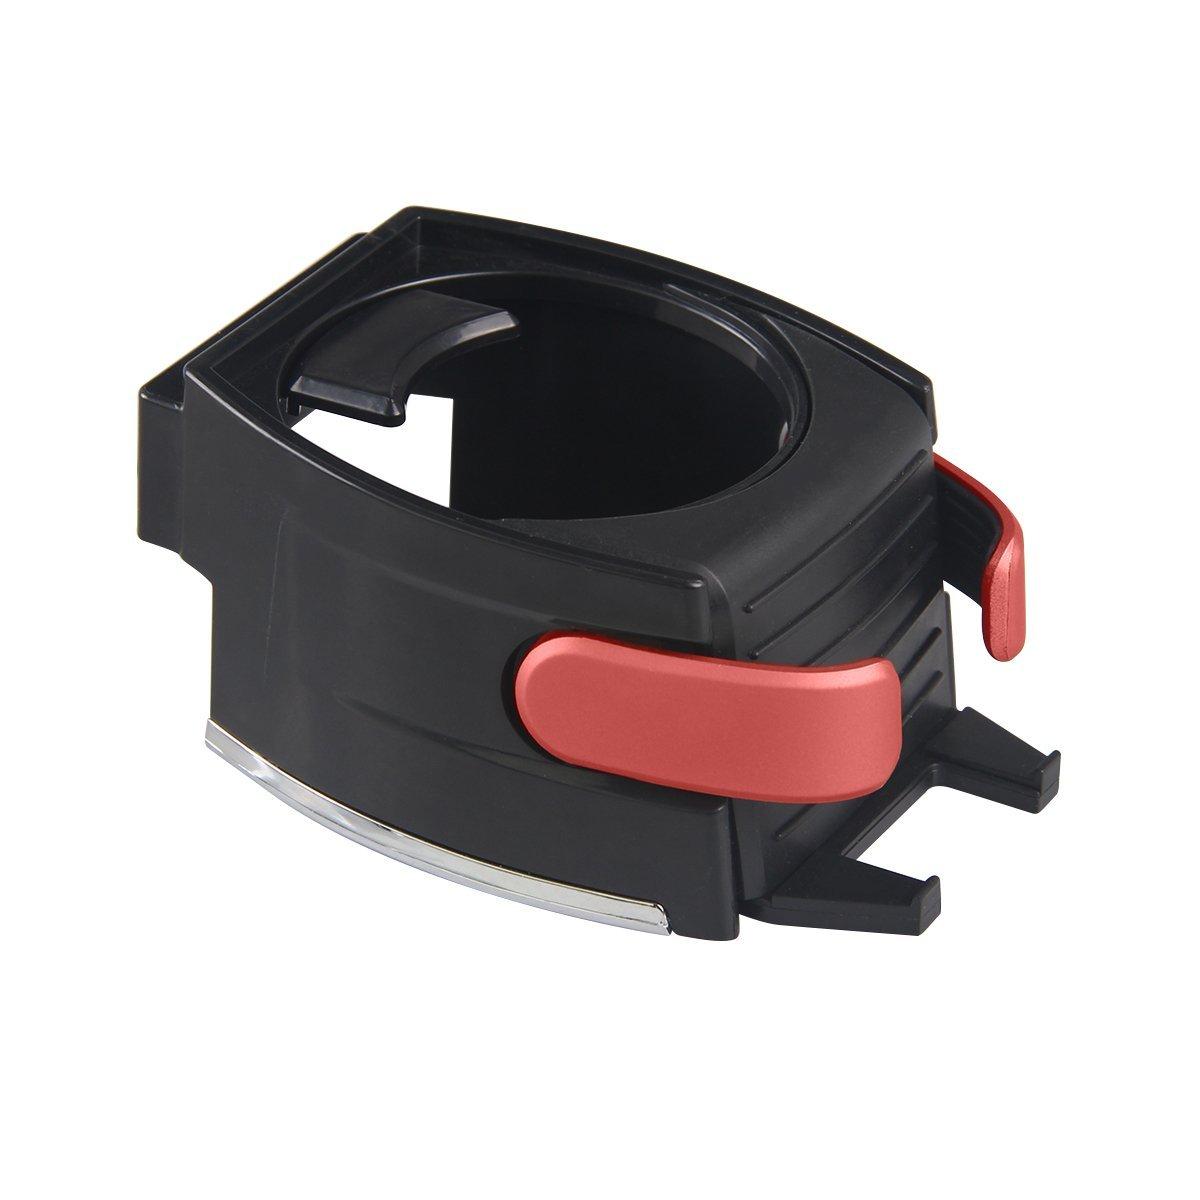 Cl/és XFAY 2 en 1 Support Multifonctionnel de Voiture en Plastique pour Gobelet//Smartphone /& Support Porte-gobelet /& Support T/él/éphone Rouge Bouteille// Canette Cartes ect